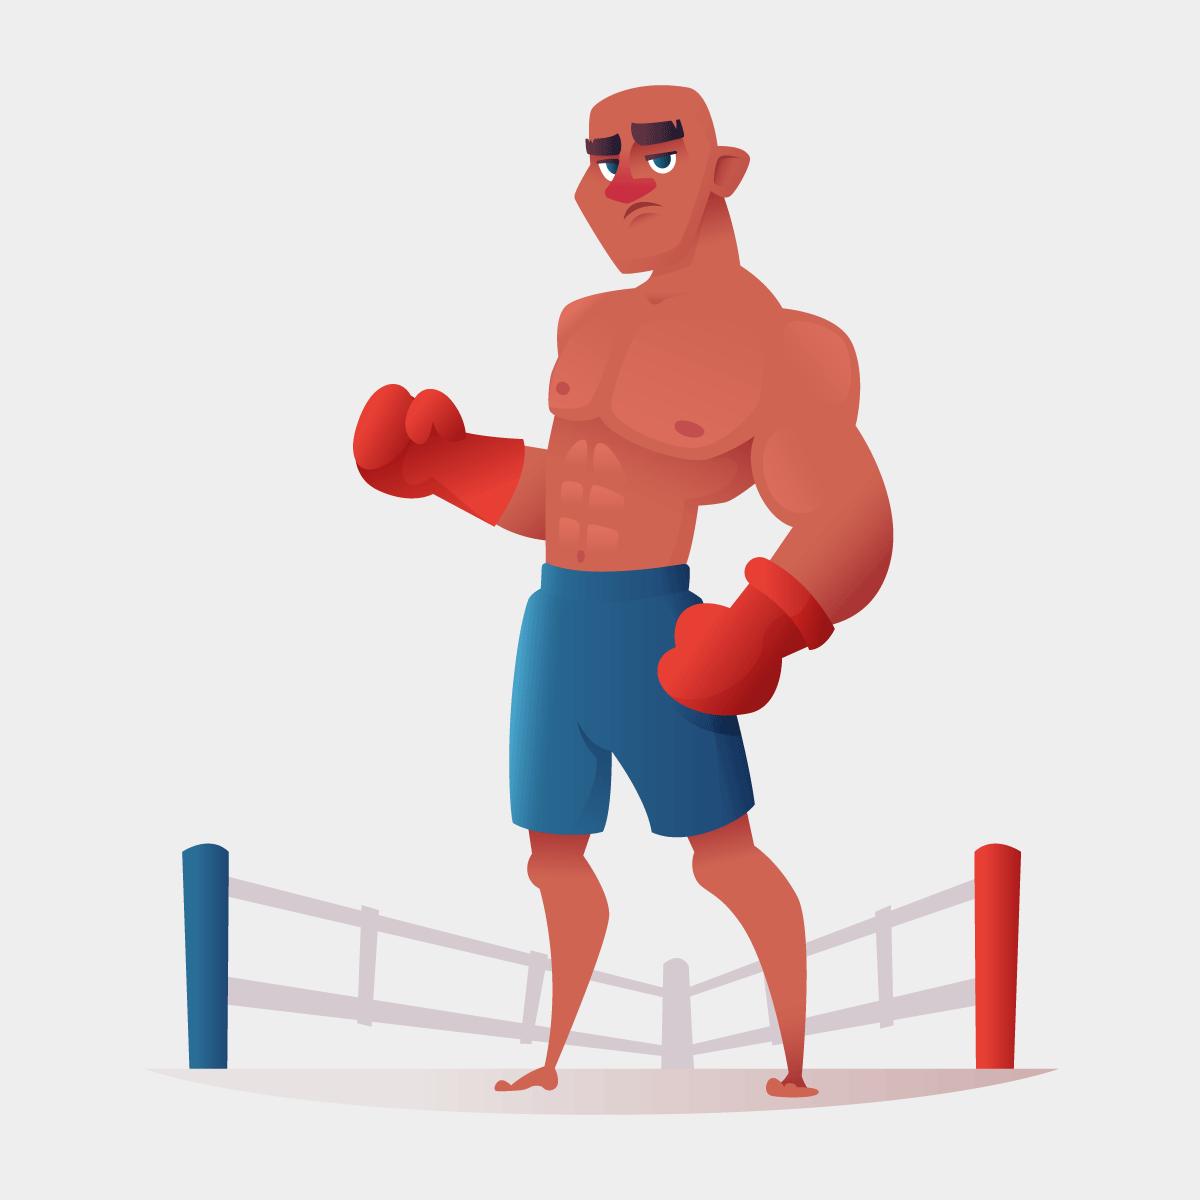 Анекдот про советского мужика, сразившегося самериканским боксёром